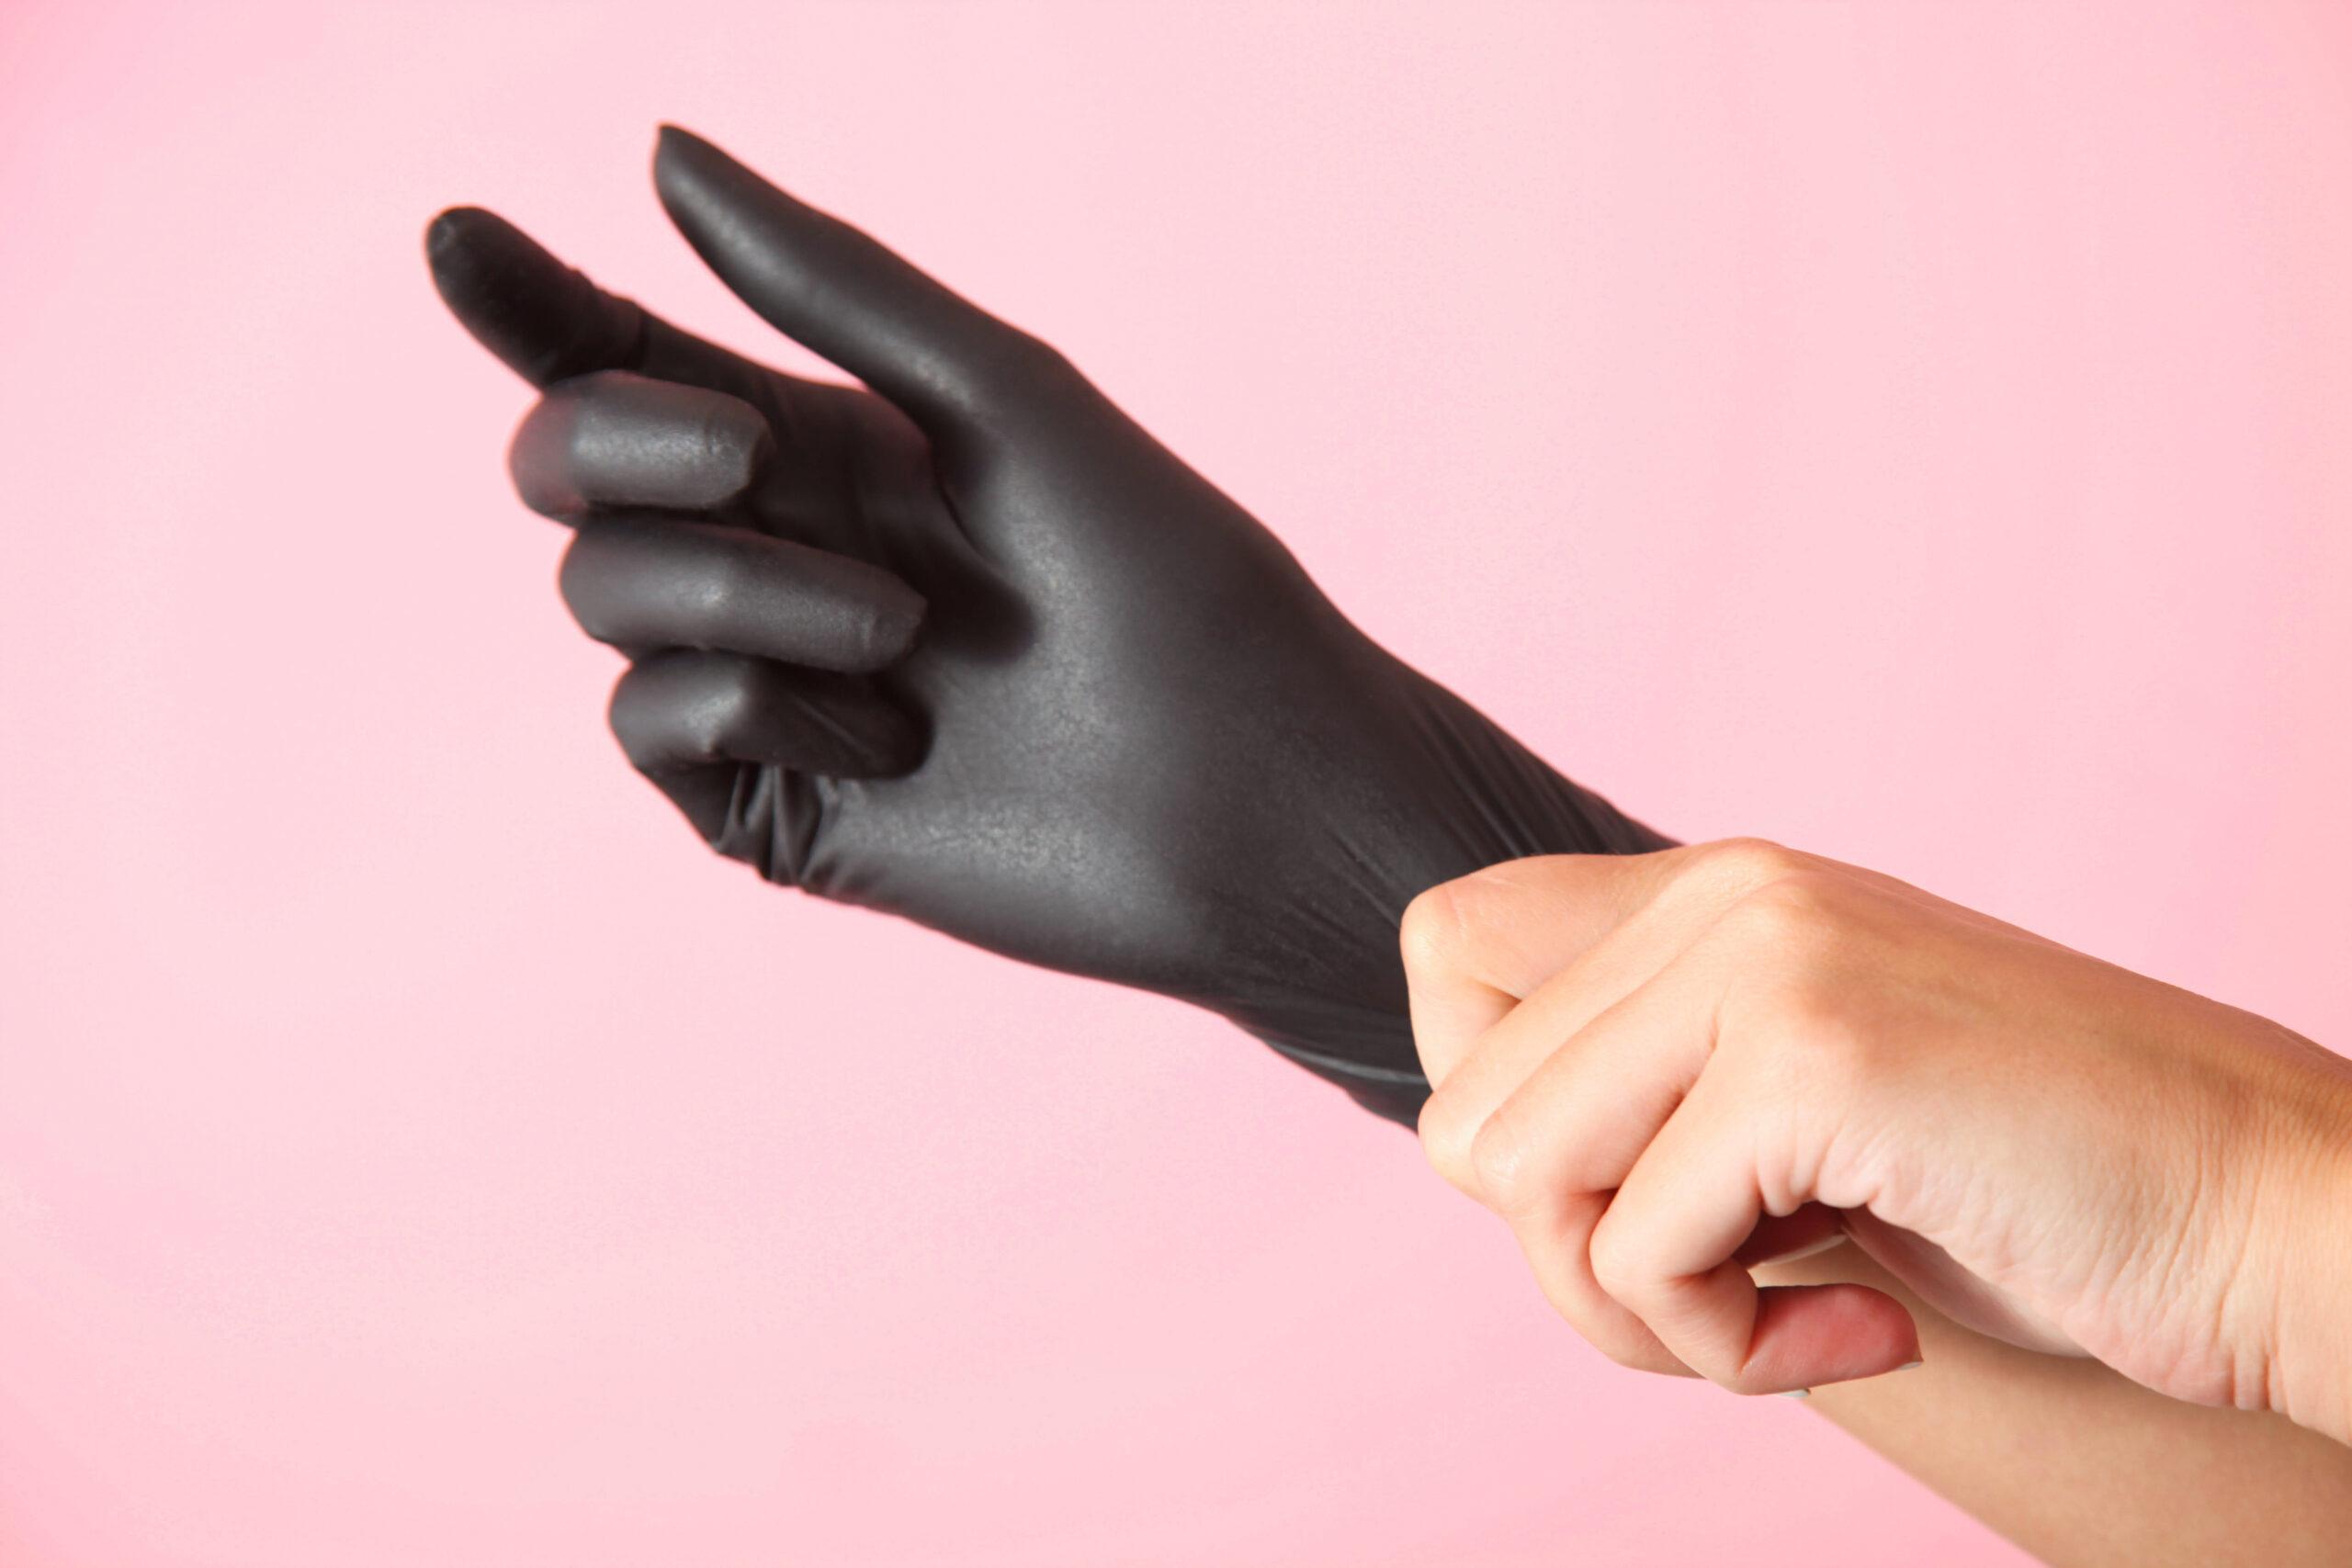 :染めるときは手袋をつけて